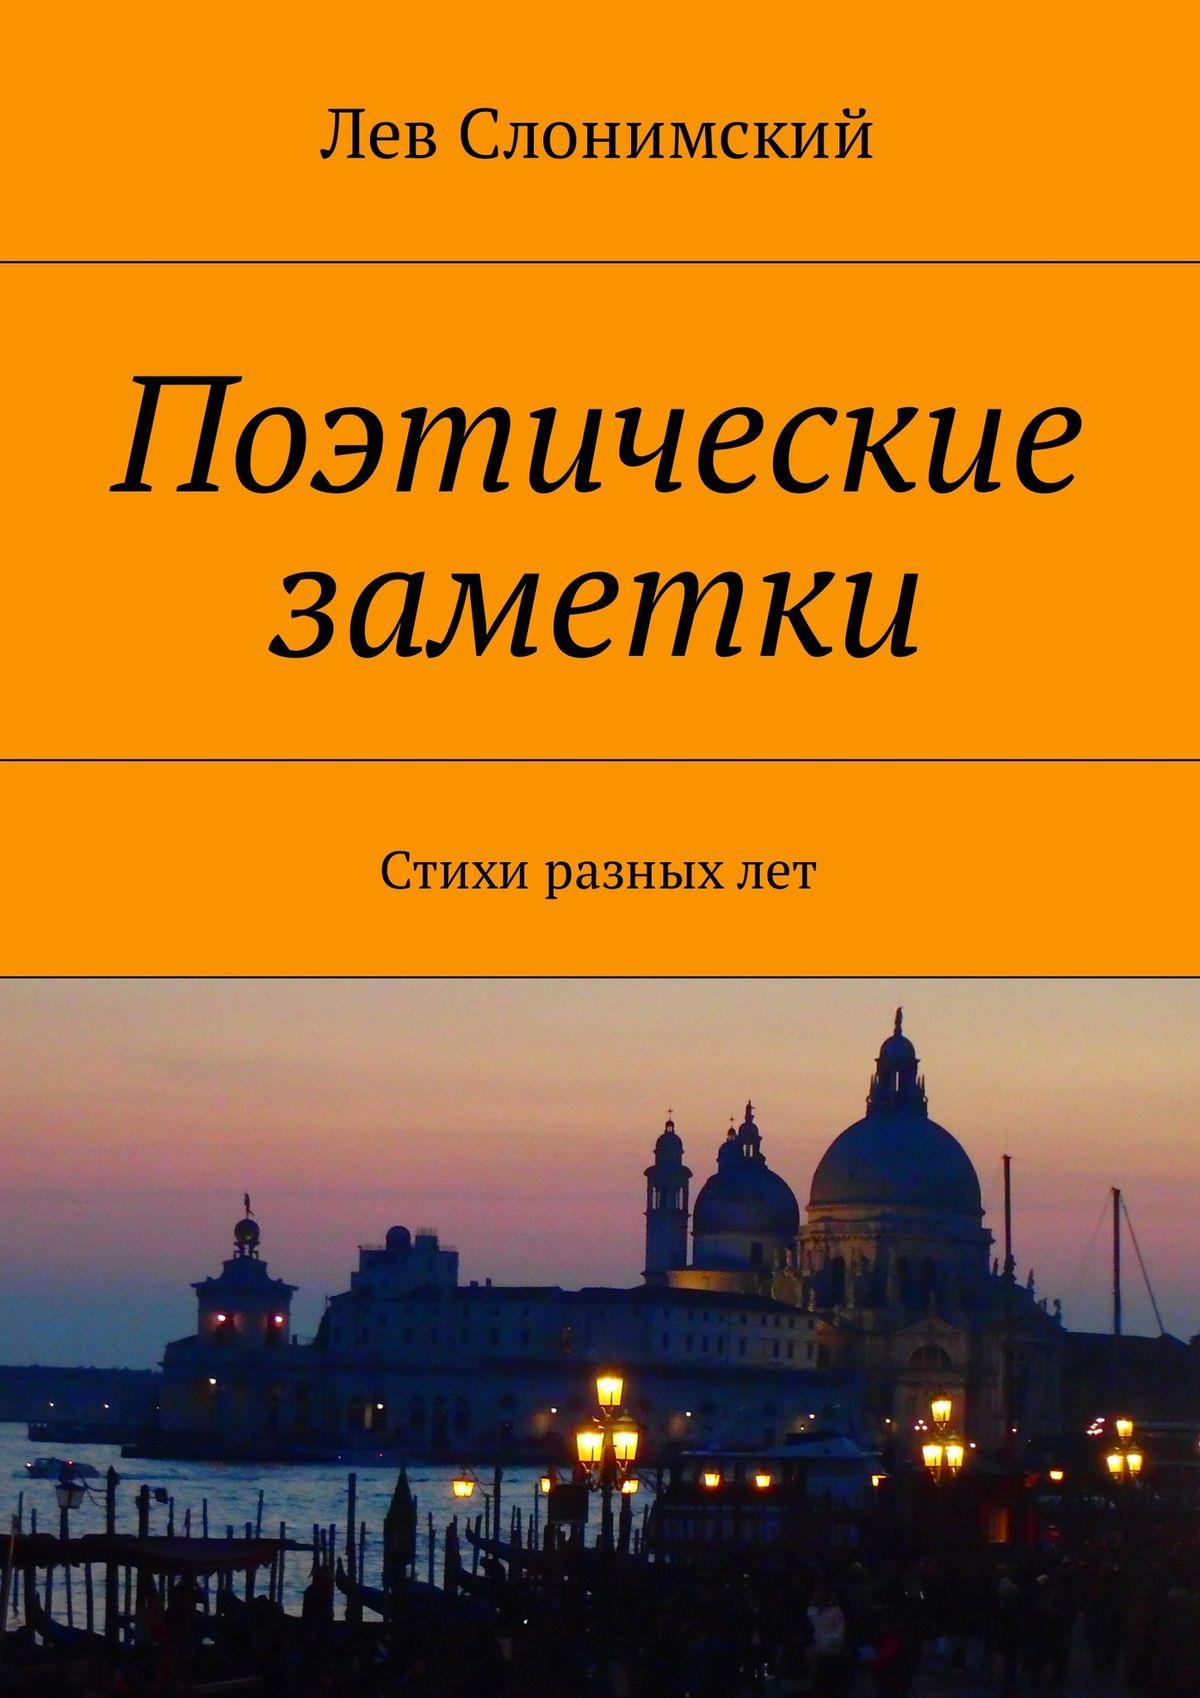 Лев Слонимский Поэтические заметки. Стихи разныхлет бражников а стихи разных лет